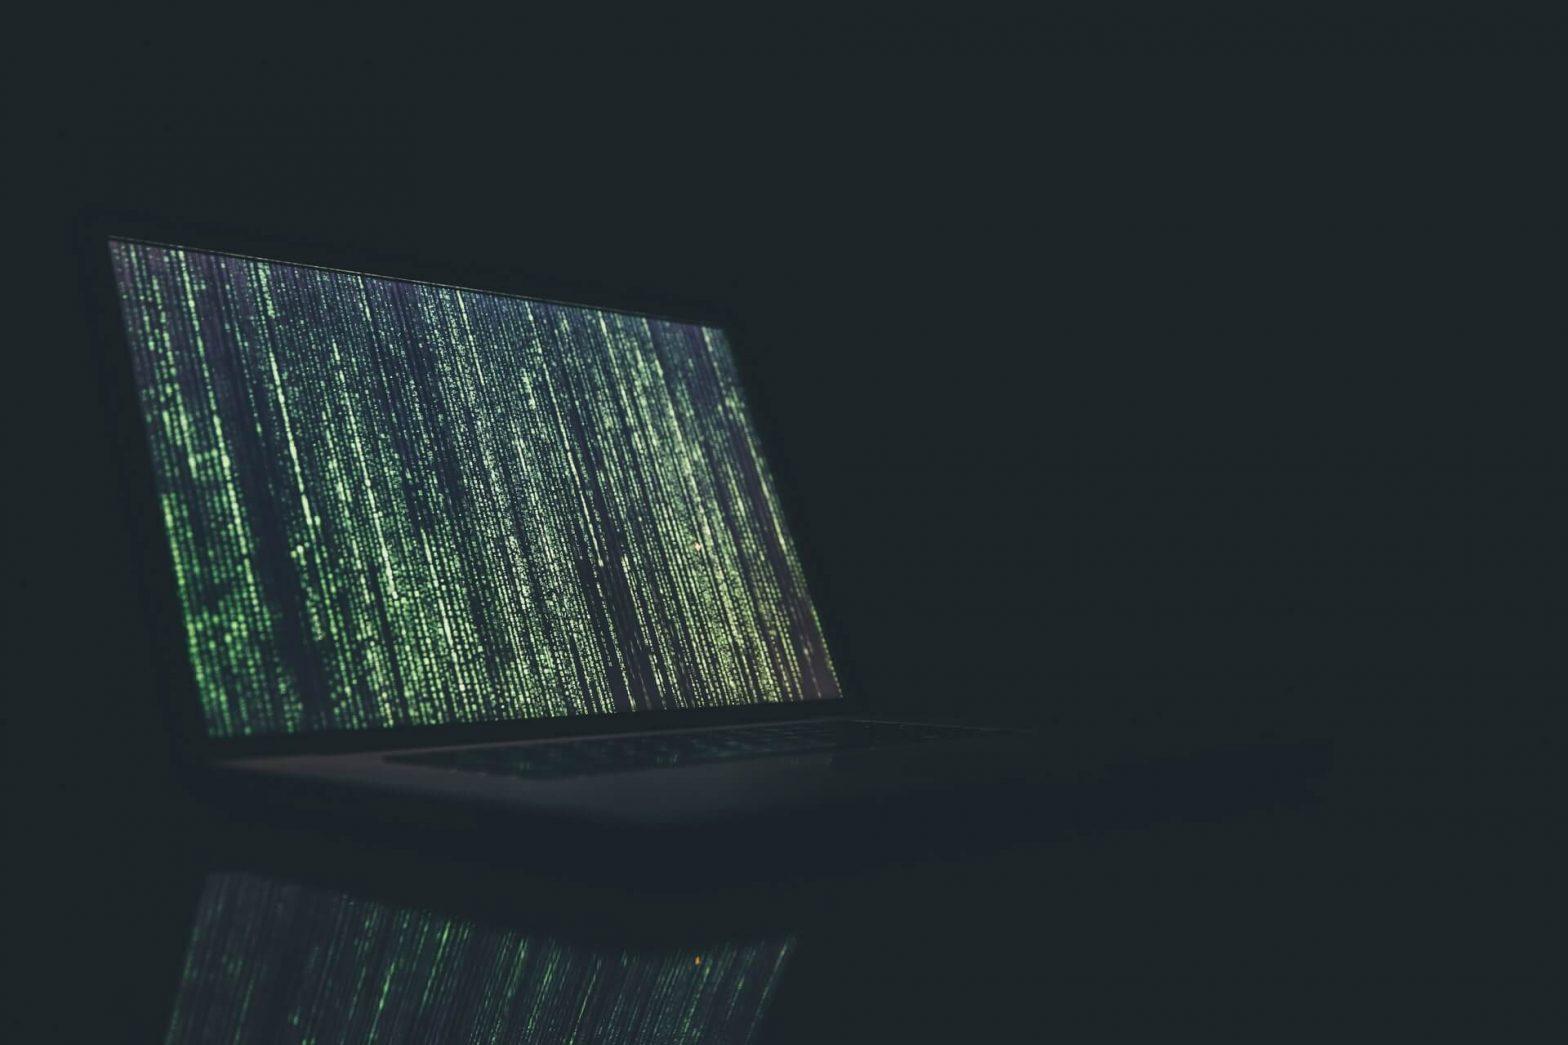 Enel vittima del ransomware Netwalker: chiesti $14 milioni di riscatto